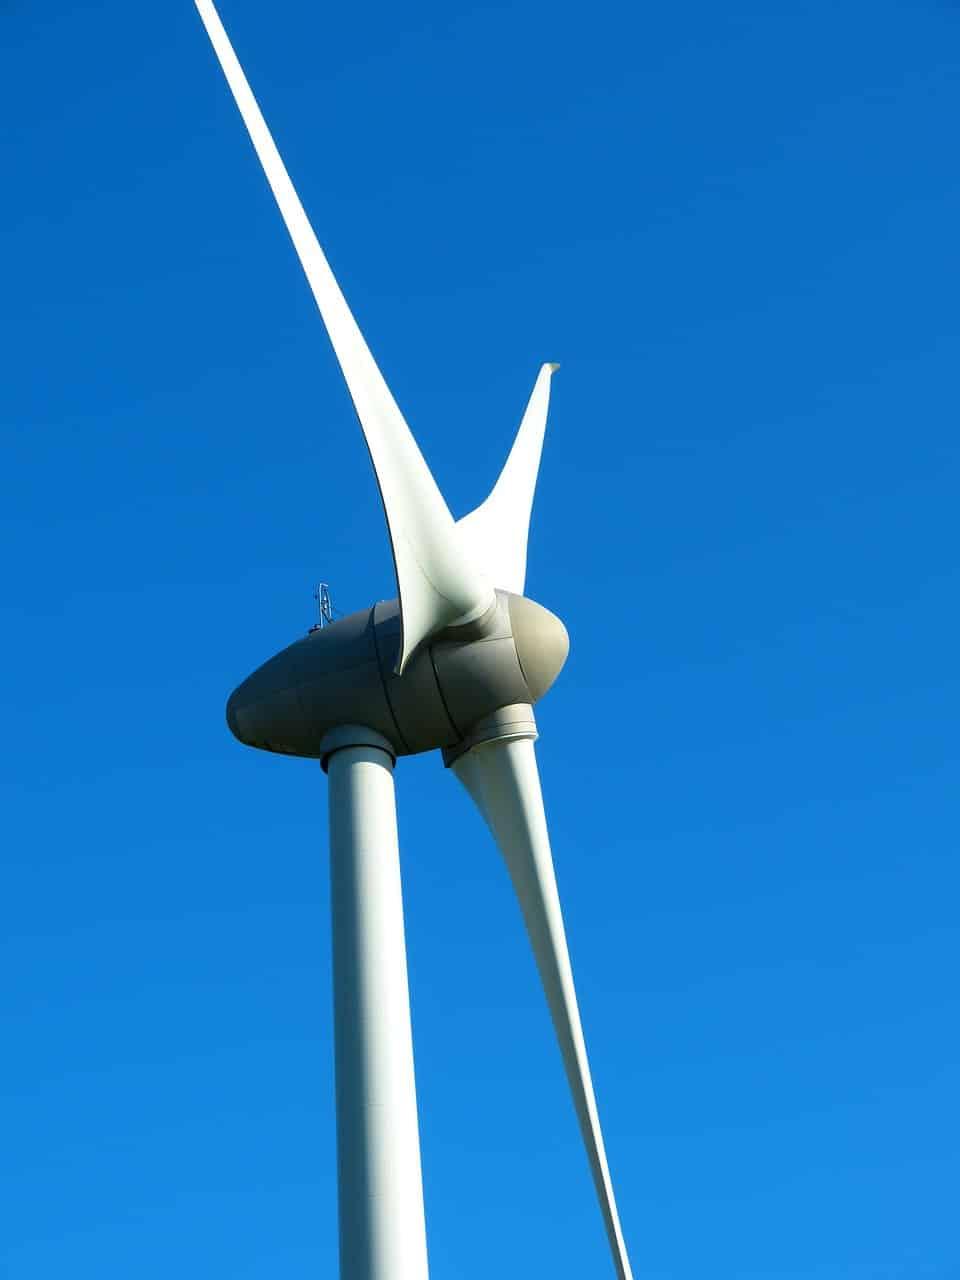 Fernstudium Energiewirtschaft - unterschiedliche Bereiche des Energiesektors